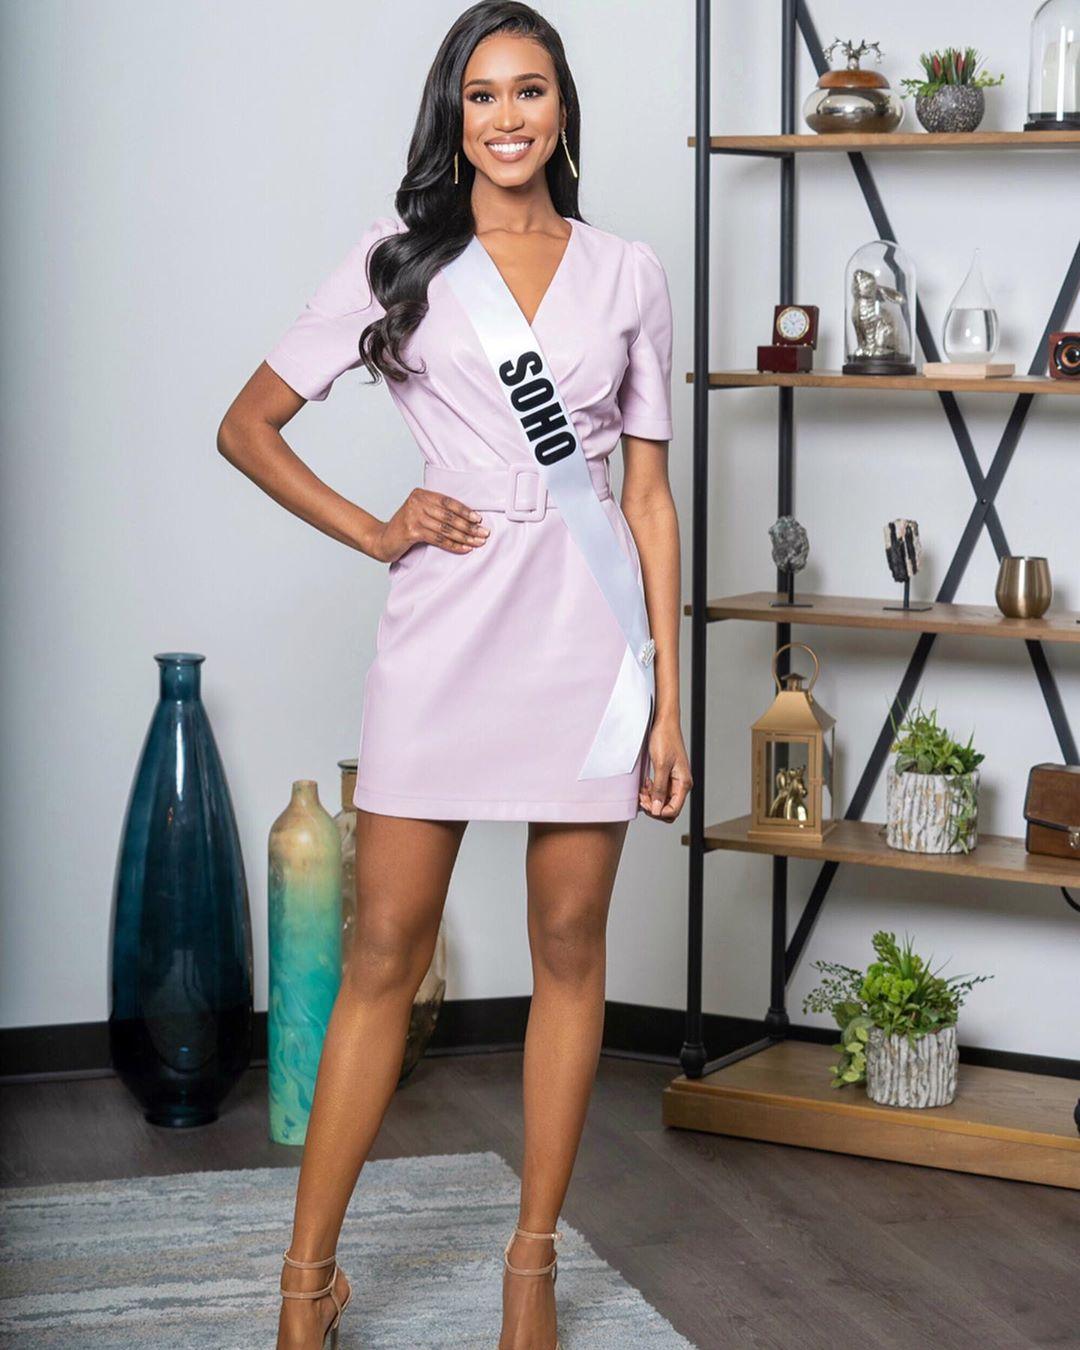 andreia gibau, top 10 de miss usa 2020/top 16 de miss earth 2017. - Página 15 91762310